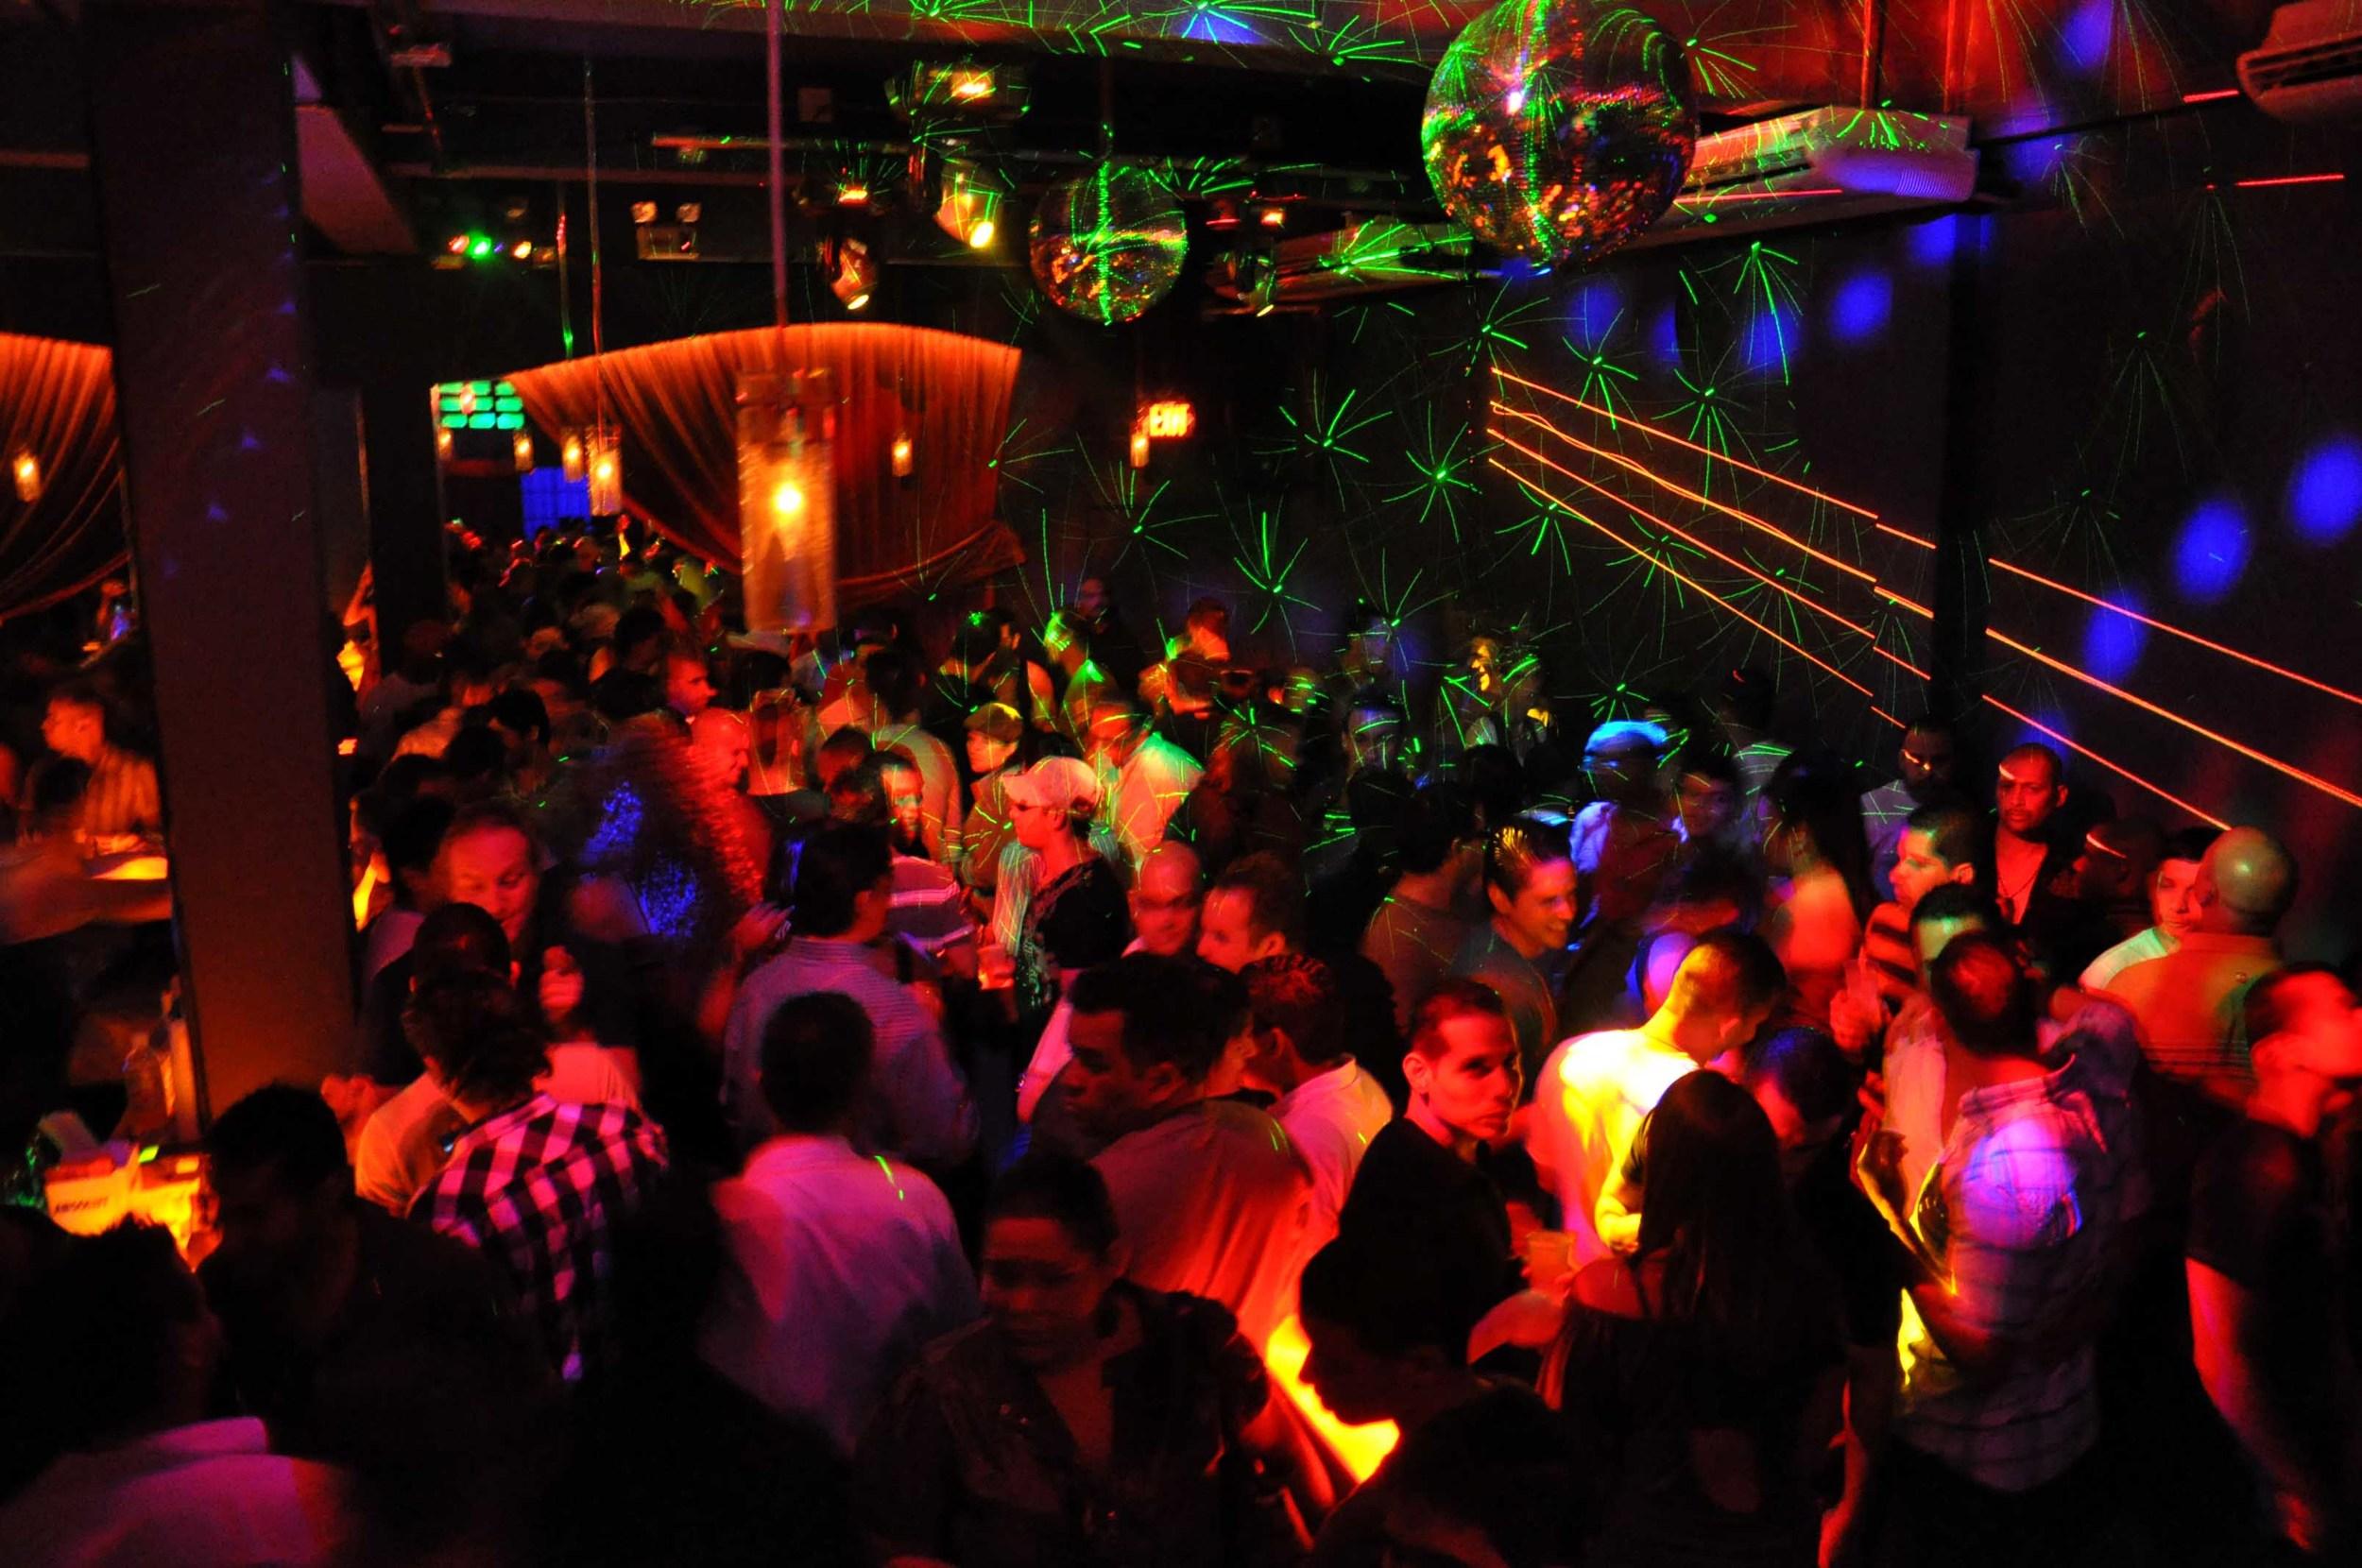 bars-2218-Circo-Bar-JoeToni-09d34.jpg